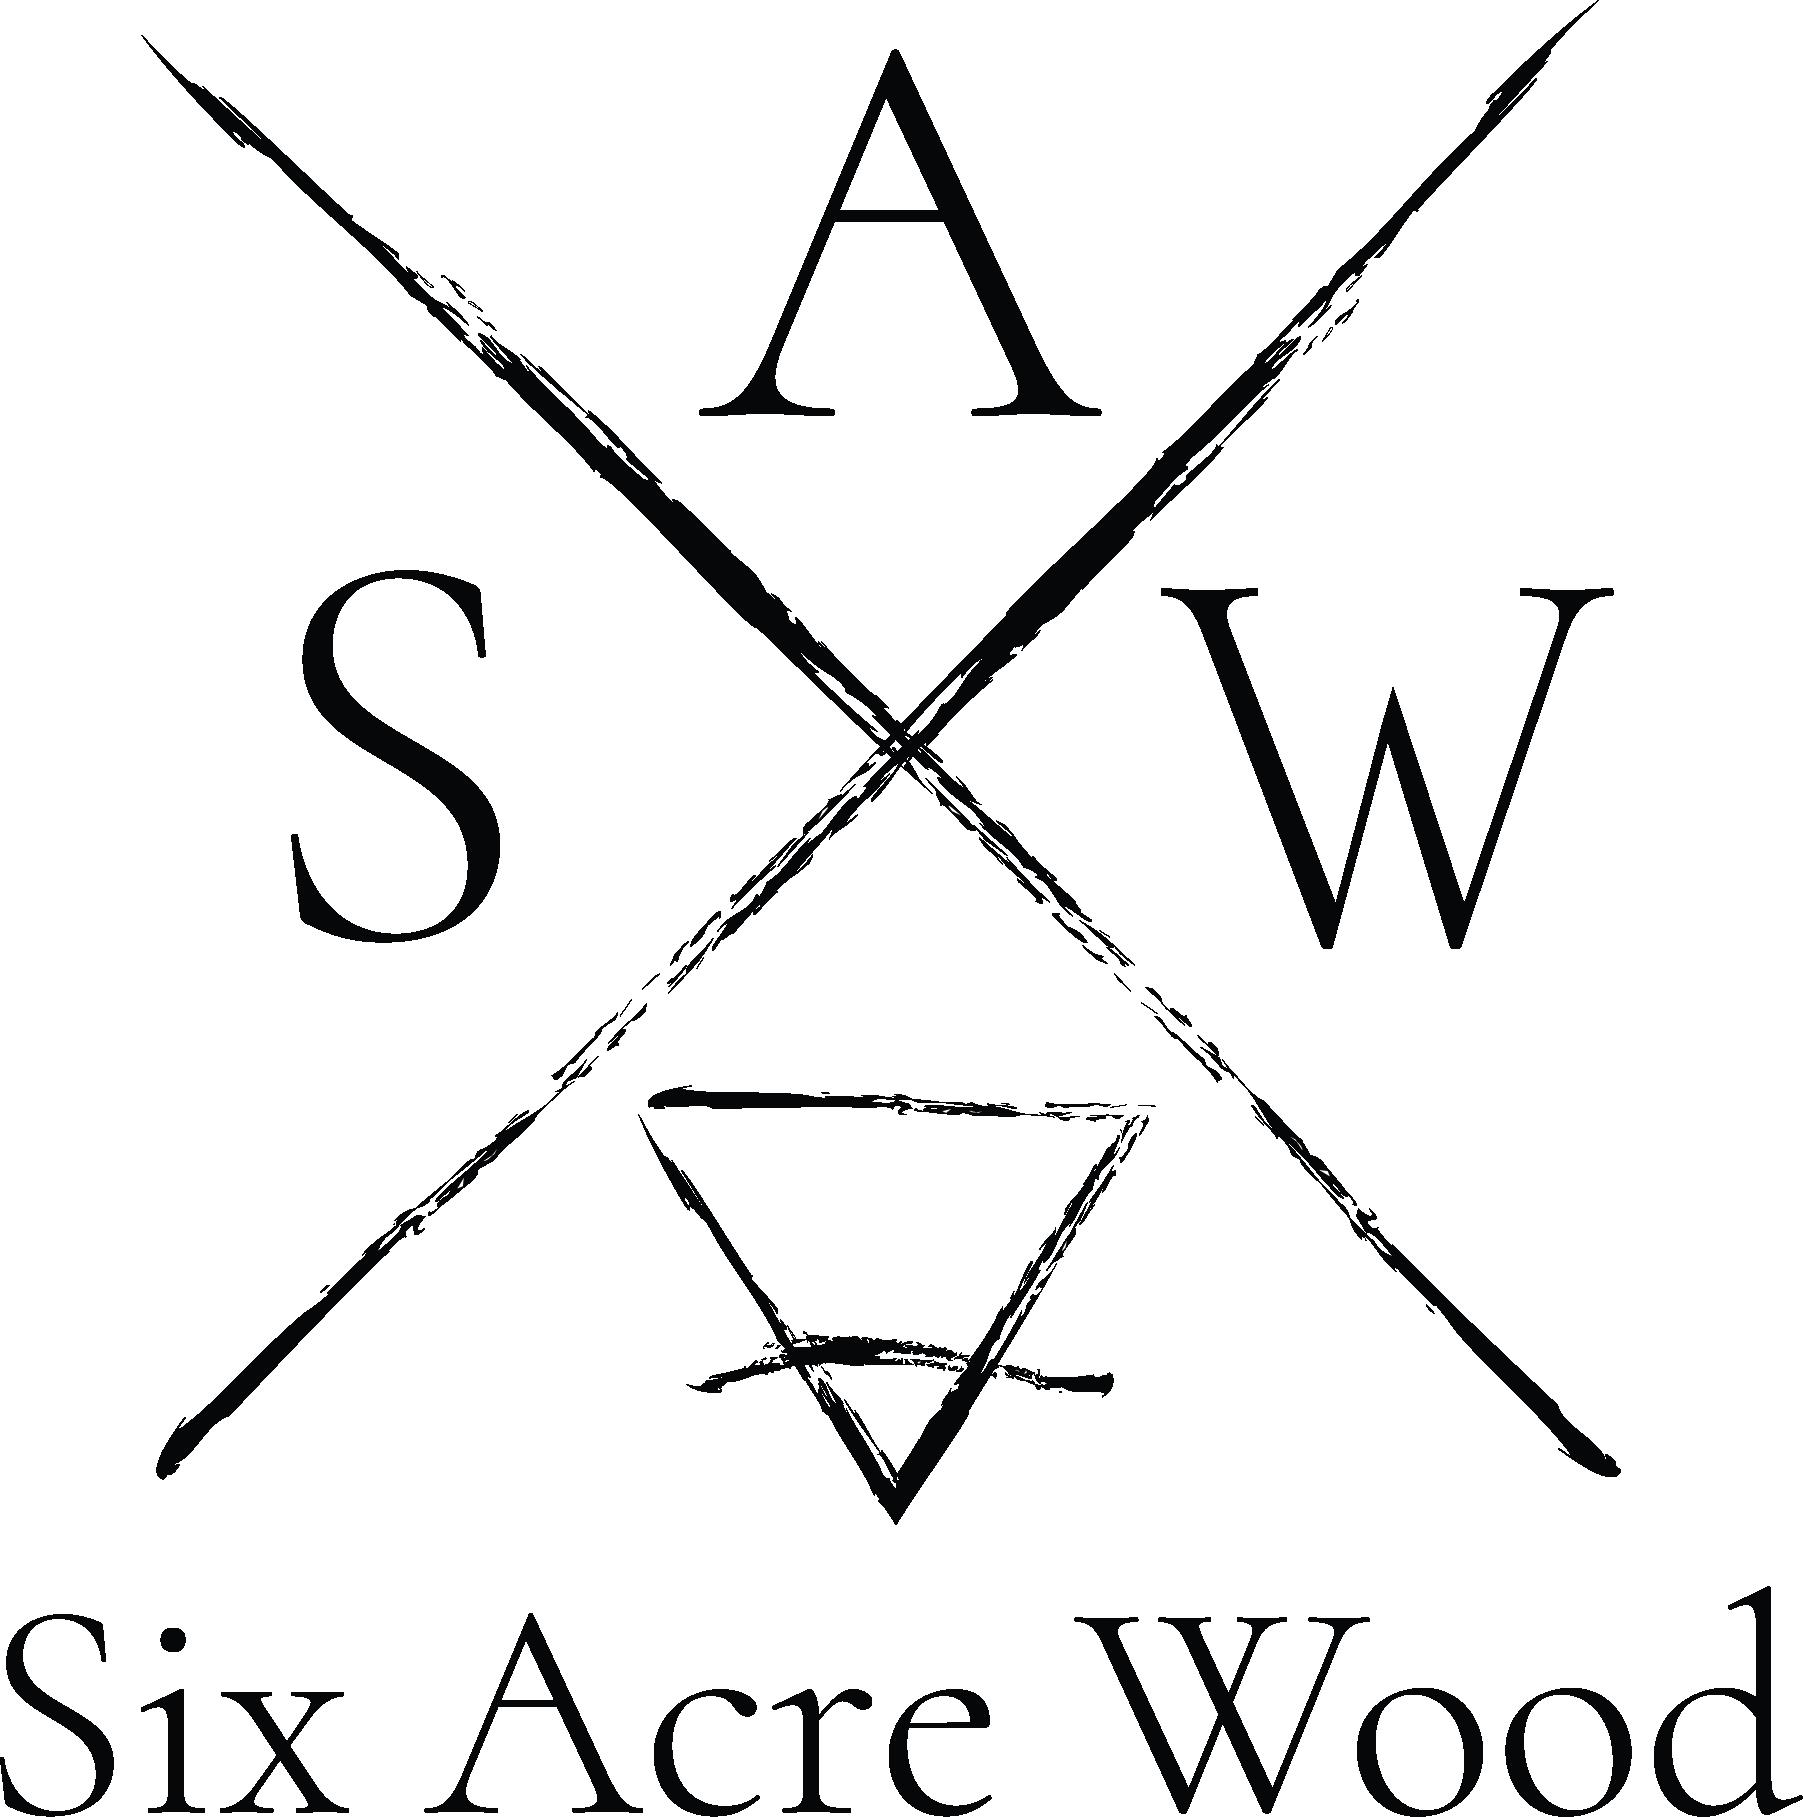 sixacrewood_logo (1).png